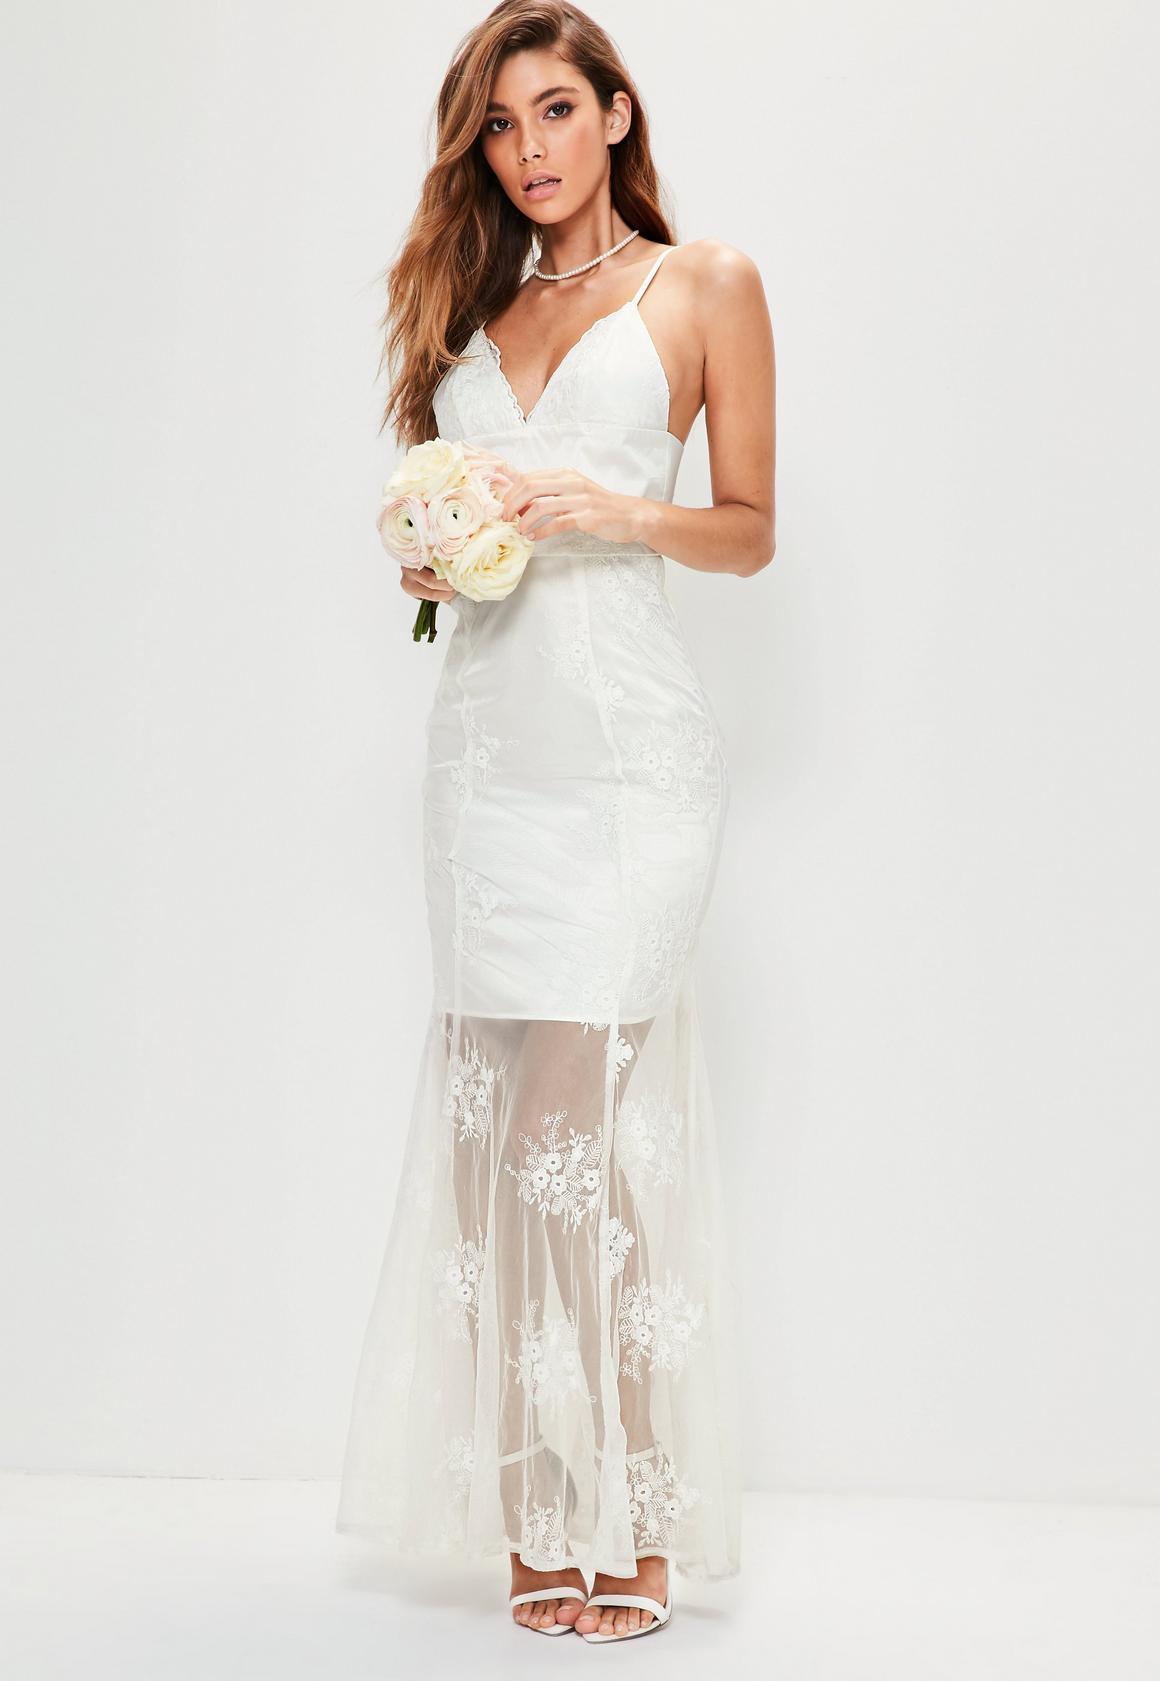 Träger-Maxi-Brautkleid aus Spitze in Weiß | Missguided